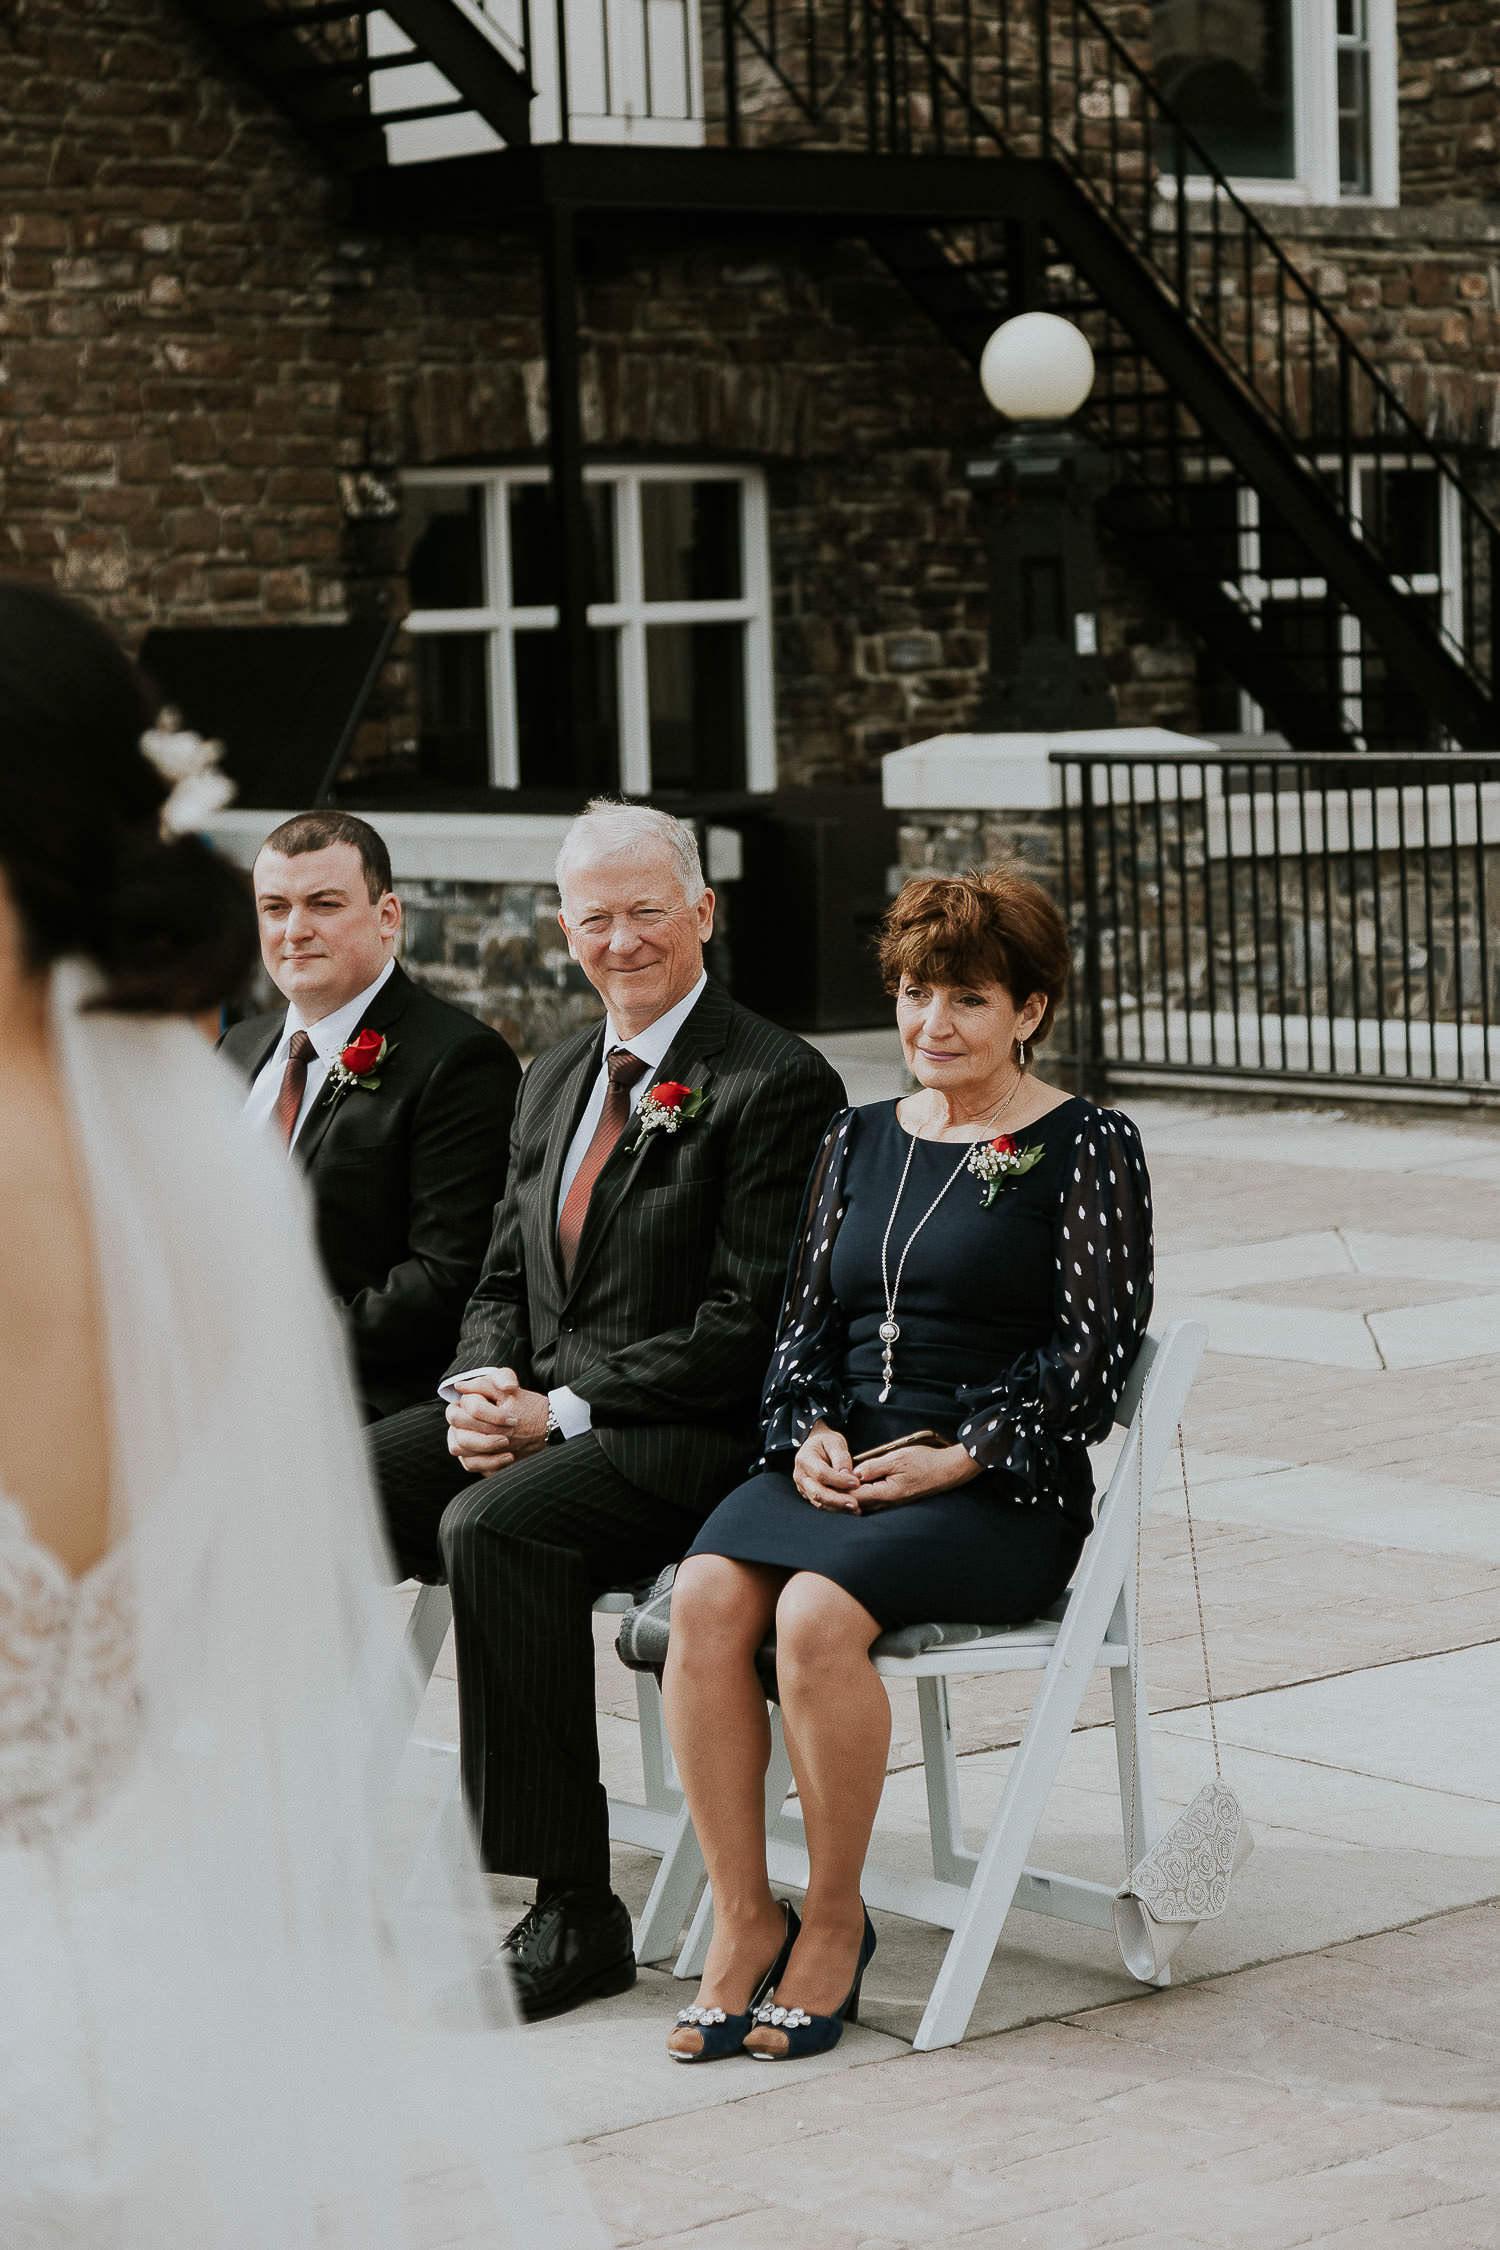 intimate-wedding-at-banff-springs-hotel-sarah-pukin-0075